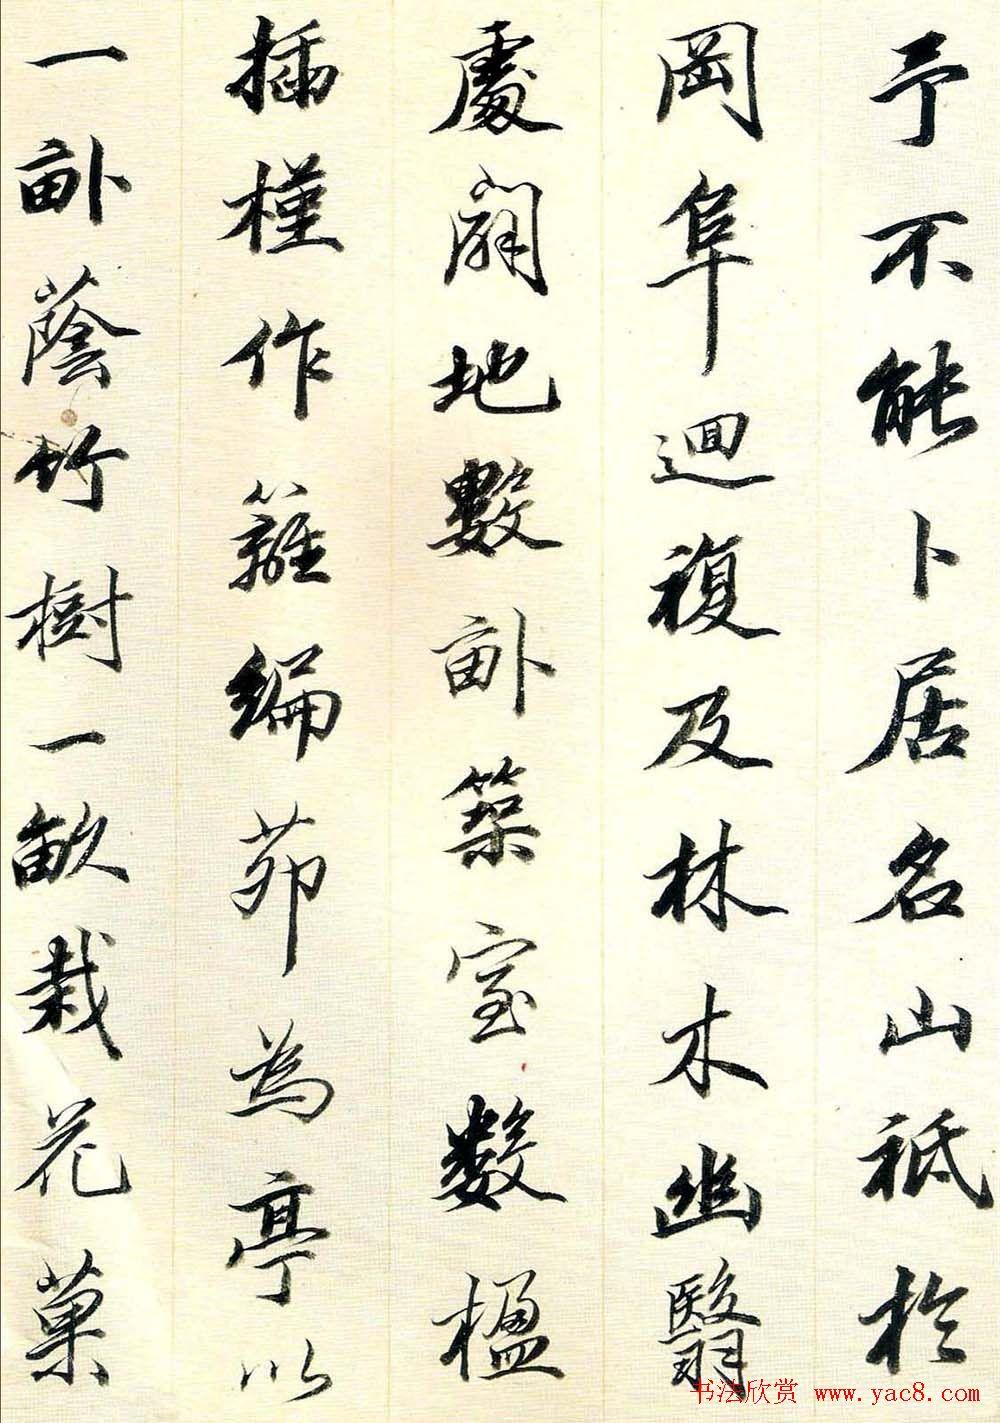 王梦楼行书册页欣赏朵云轩藏品